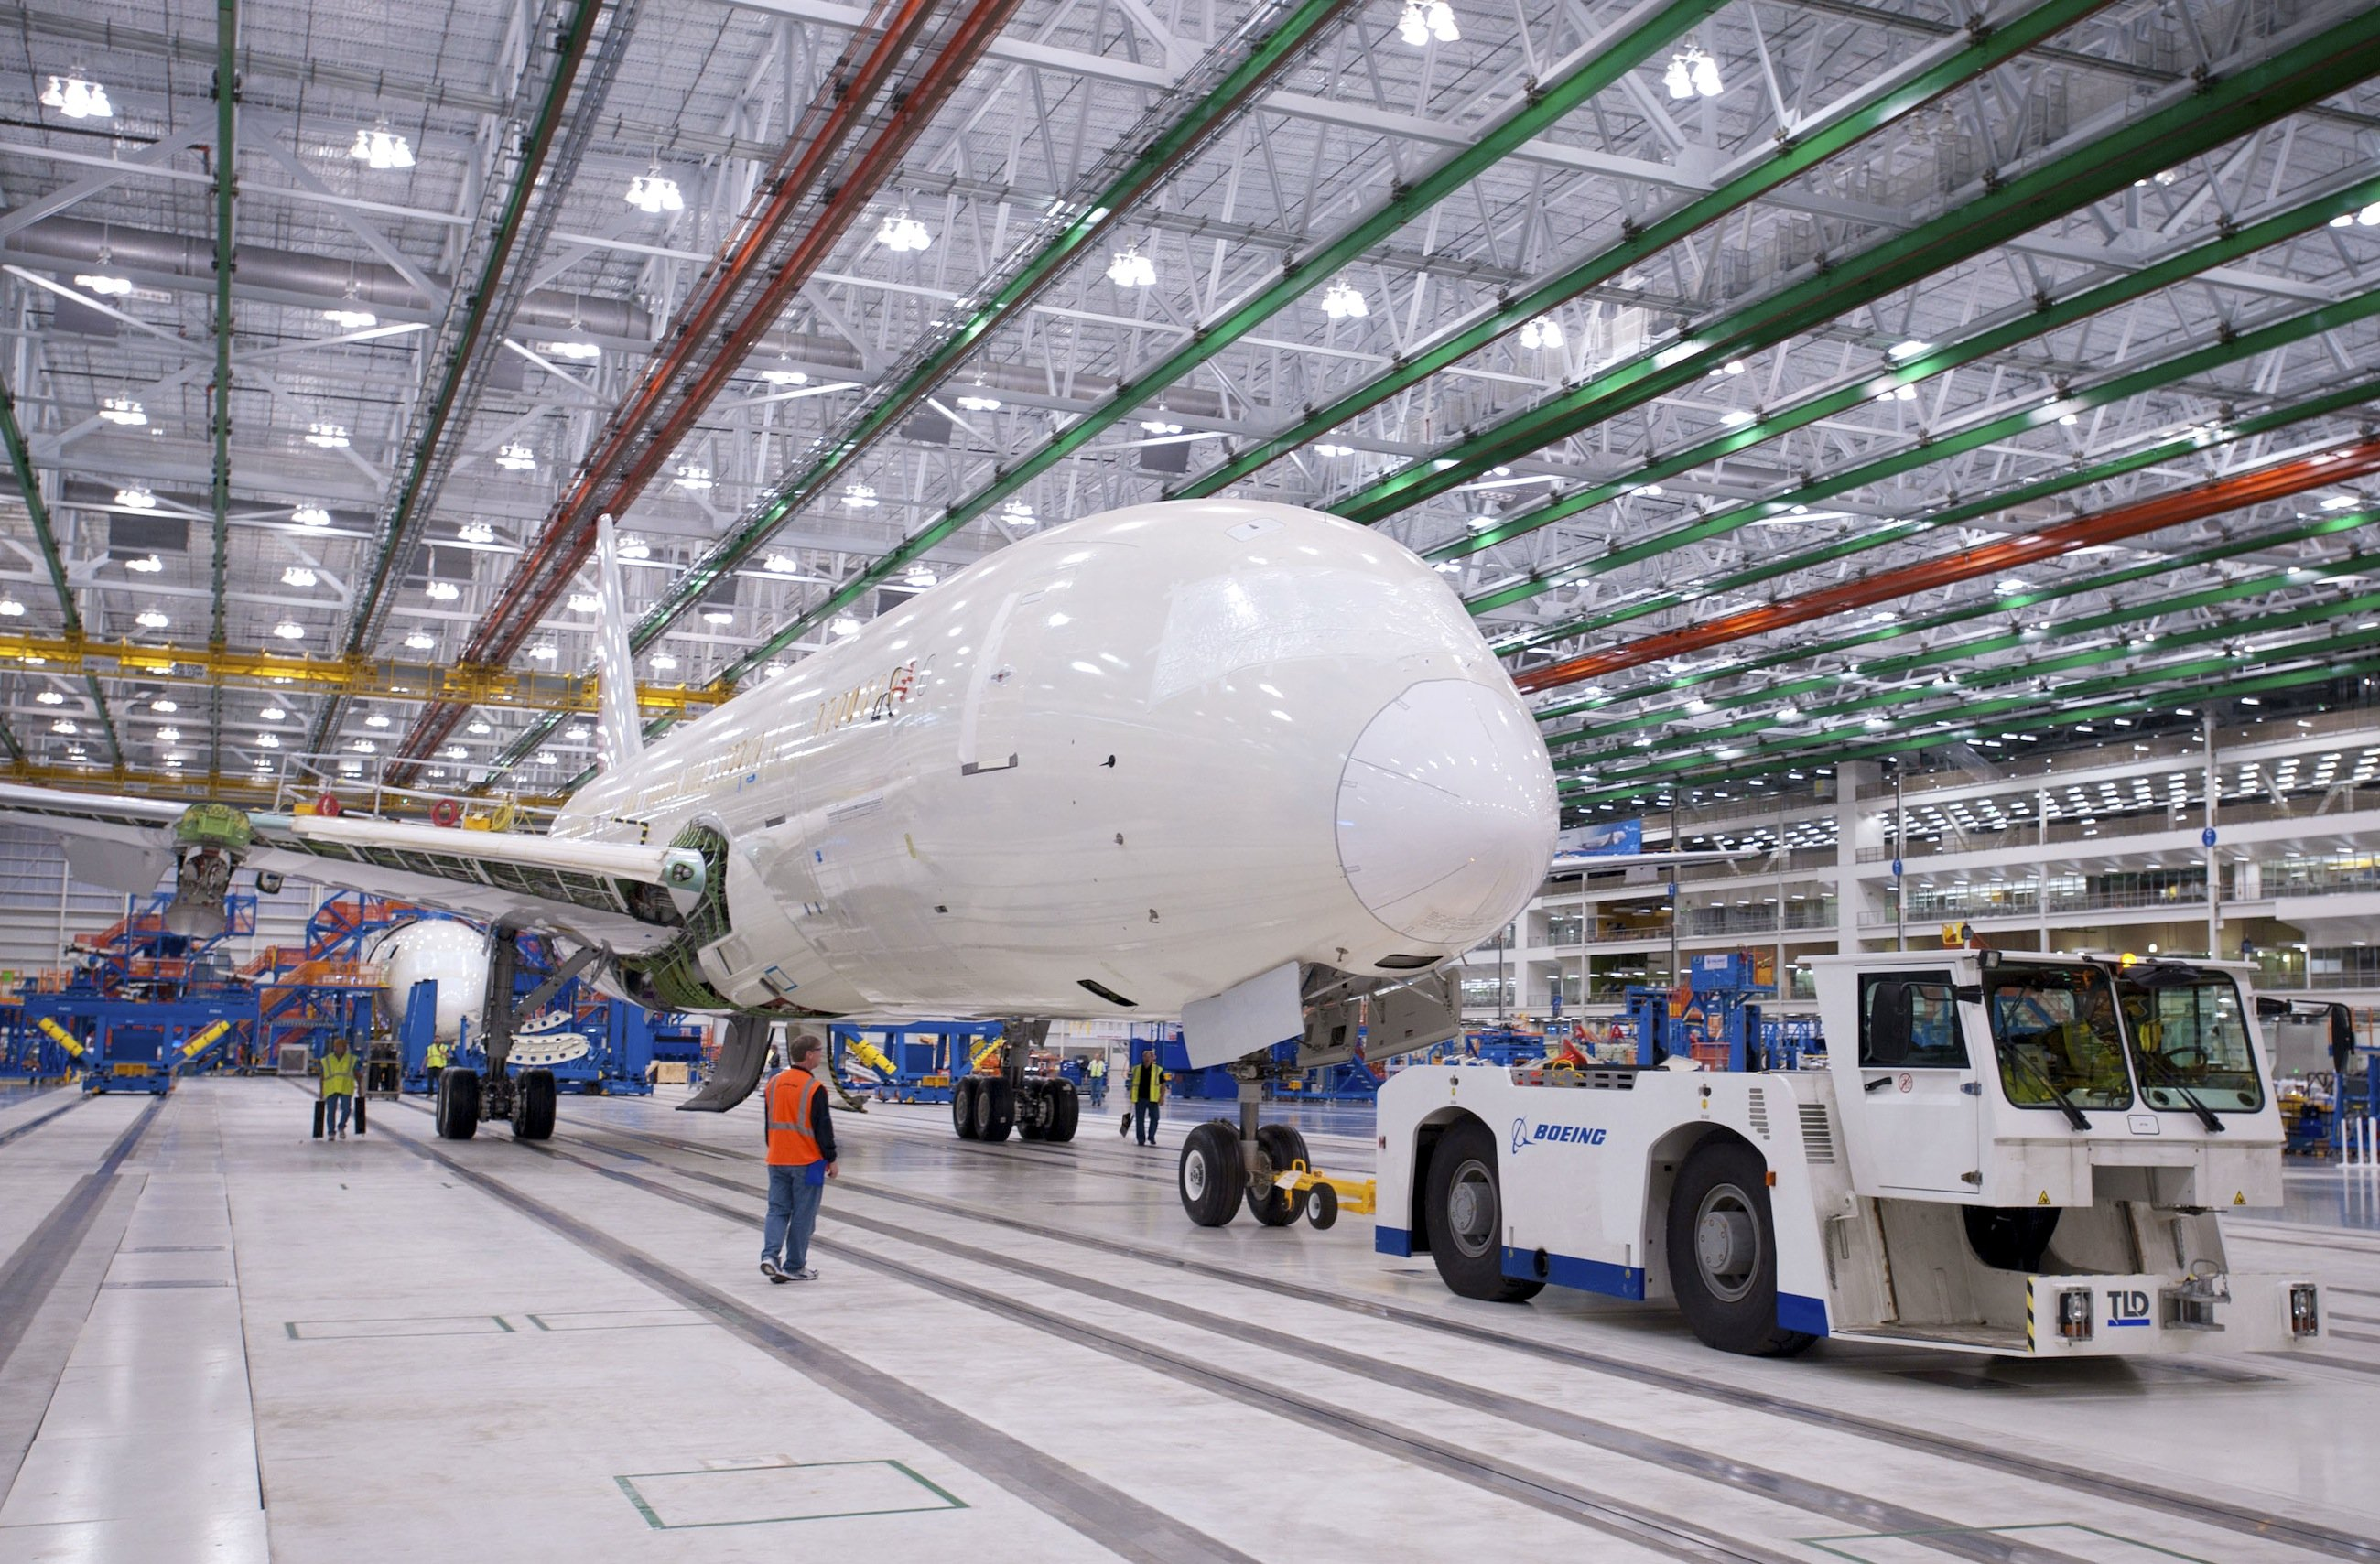 Produktion des Boeing 787 Dreamliner in South Carolina: Ein interner Software-Zähler muss regelmäßig durch einen Reboot auf Null gestellt werden, um einen Ausfall der Stromversorgung zu verhindern.